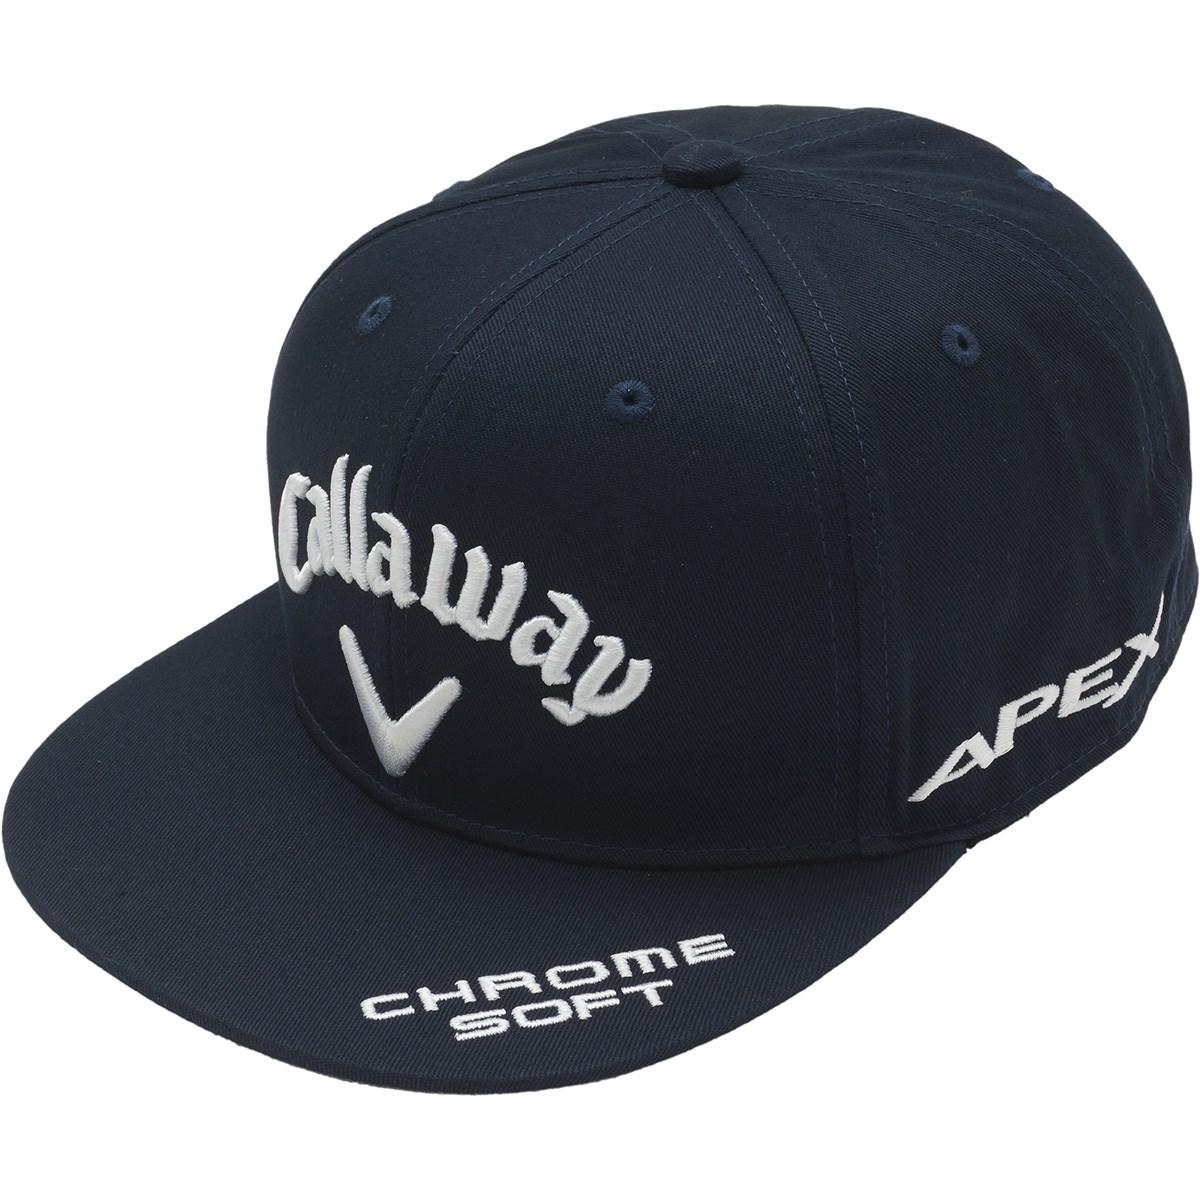 [2020年モデル] キャロウェイゴルフ Callaway Golf ツアーフラットキャップ JM ネイビー 120 メンズ ゴルフウェア 帽子